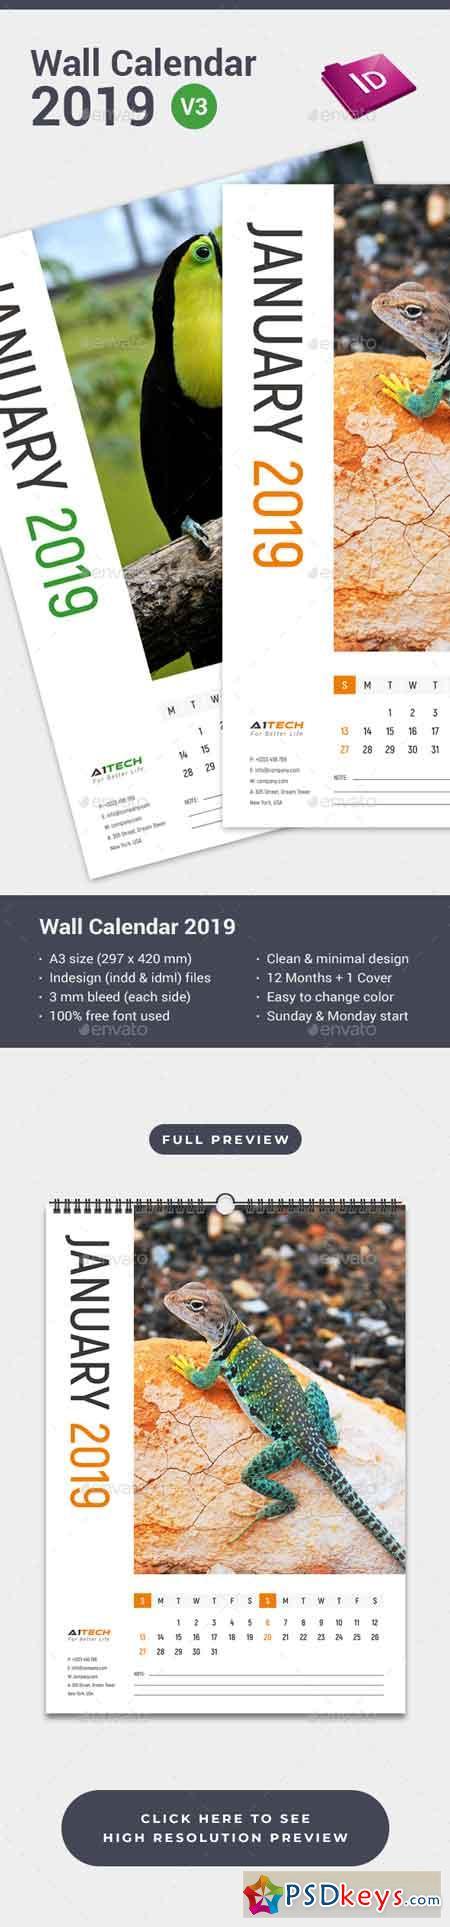 Wall Calendar 2019 22715479